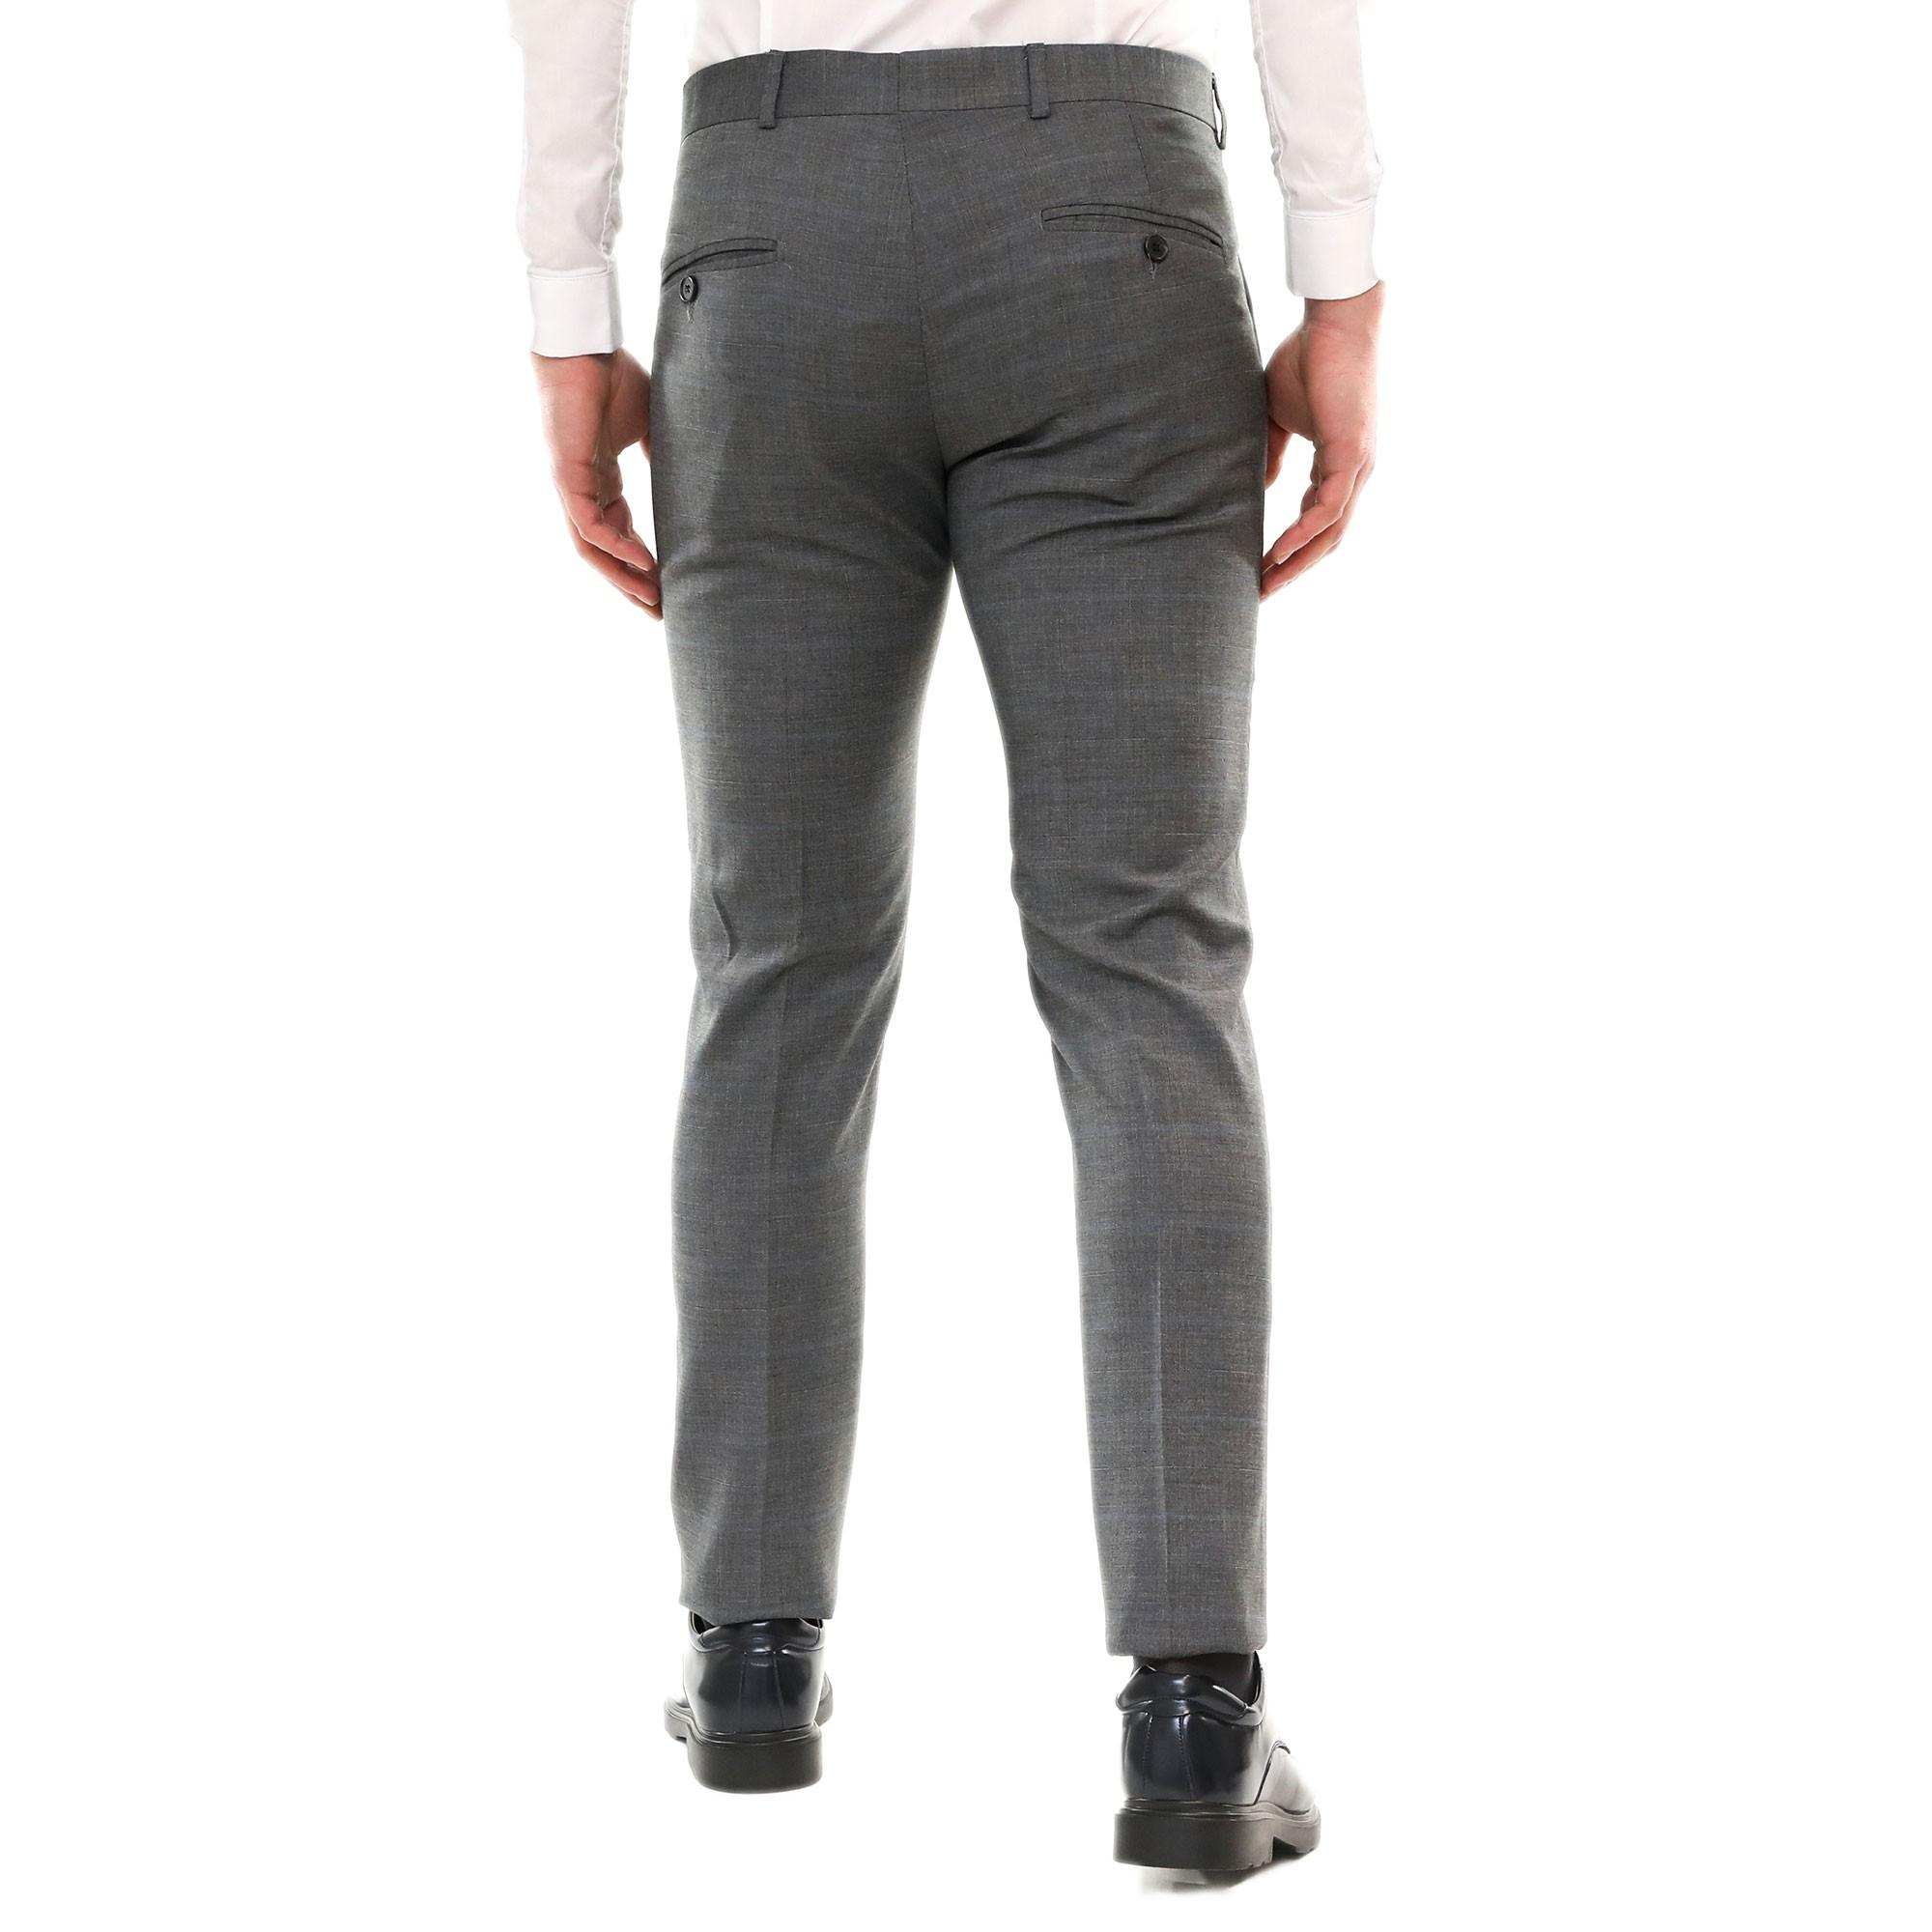 e7cf12bea1 Pantalone Uomo Chino Classico Elegante Primaverile Abito Estivo ...